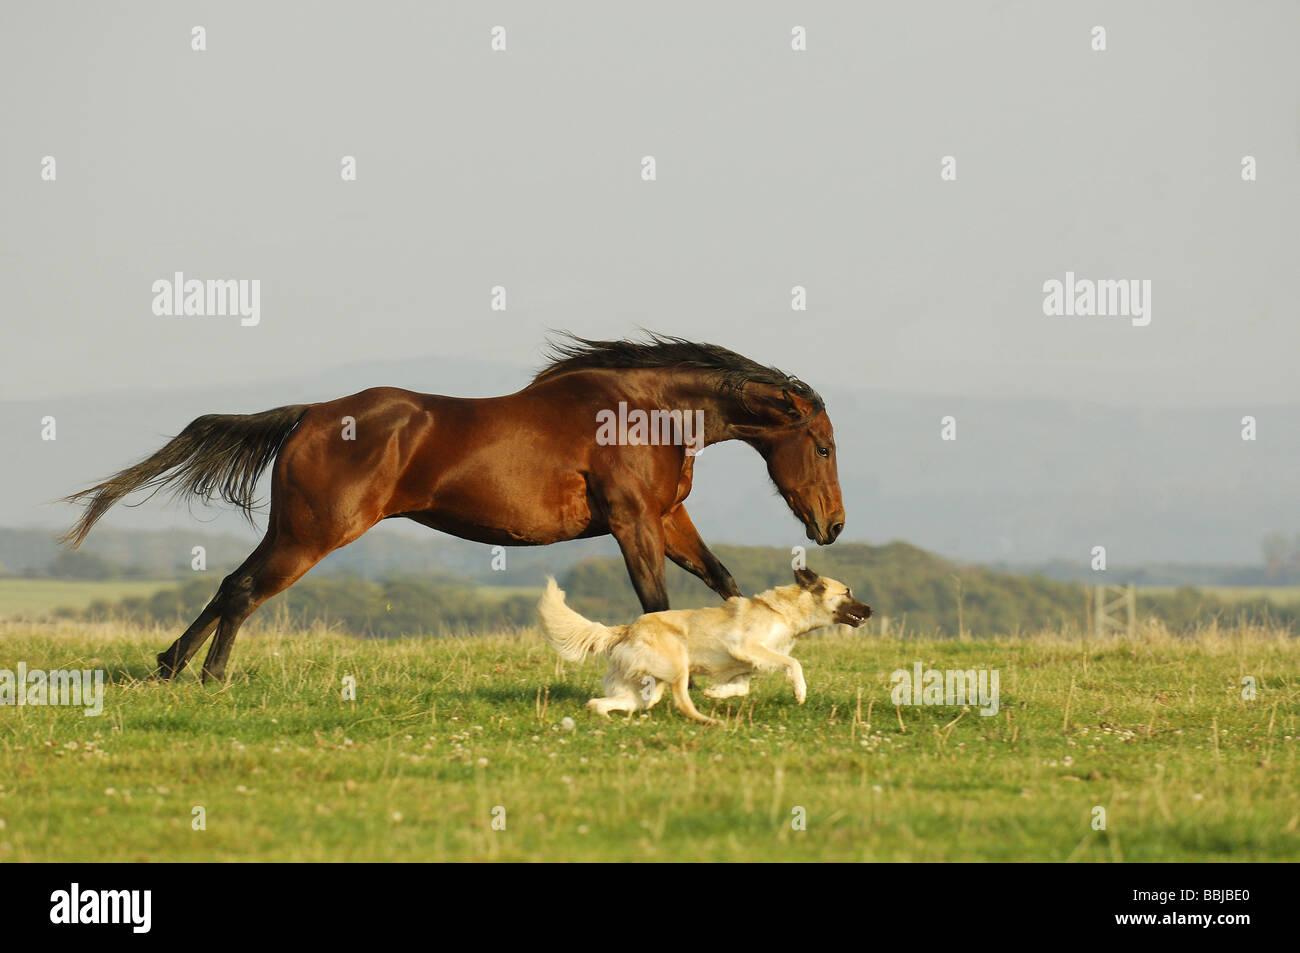 animals horse running free - photo #23